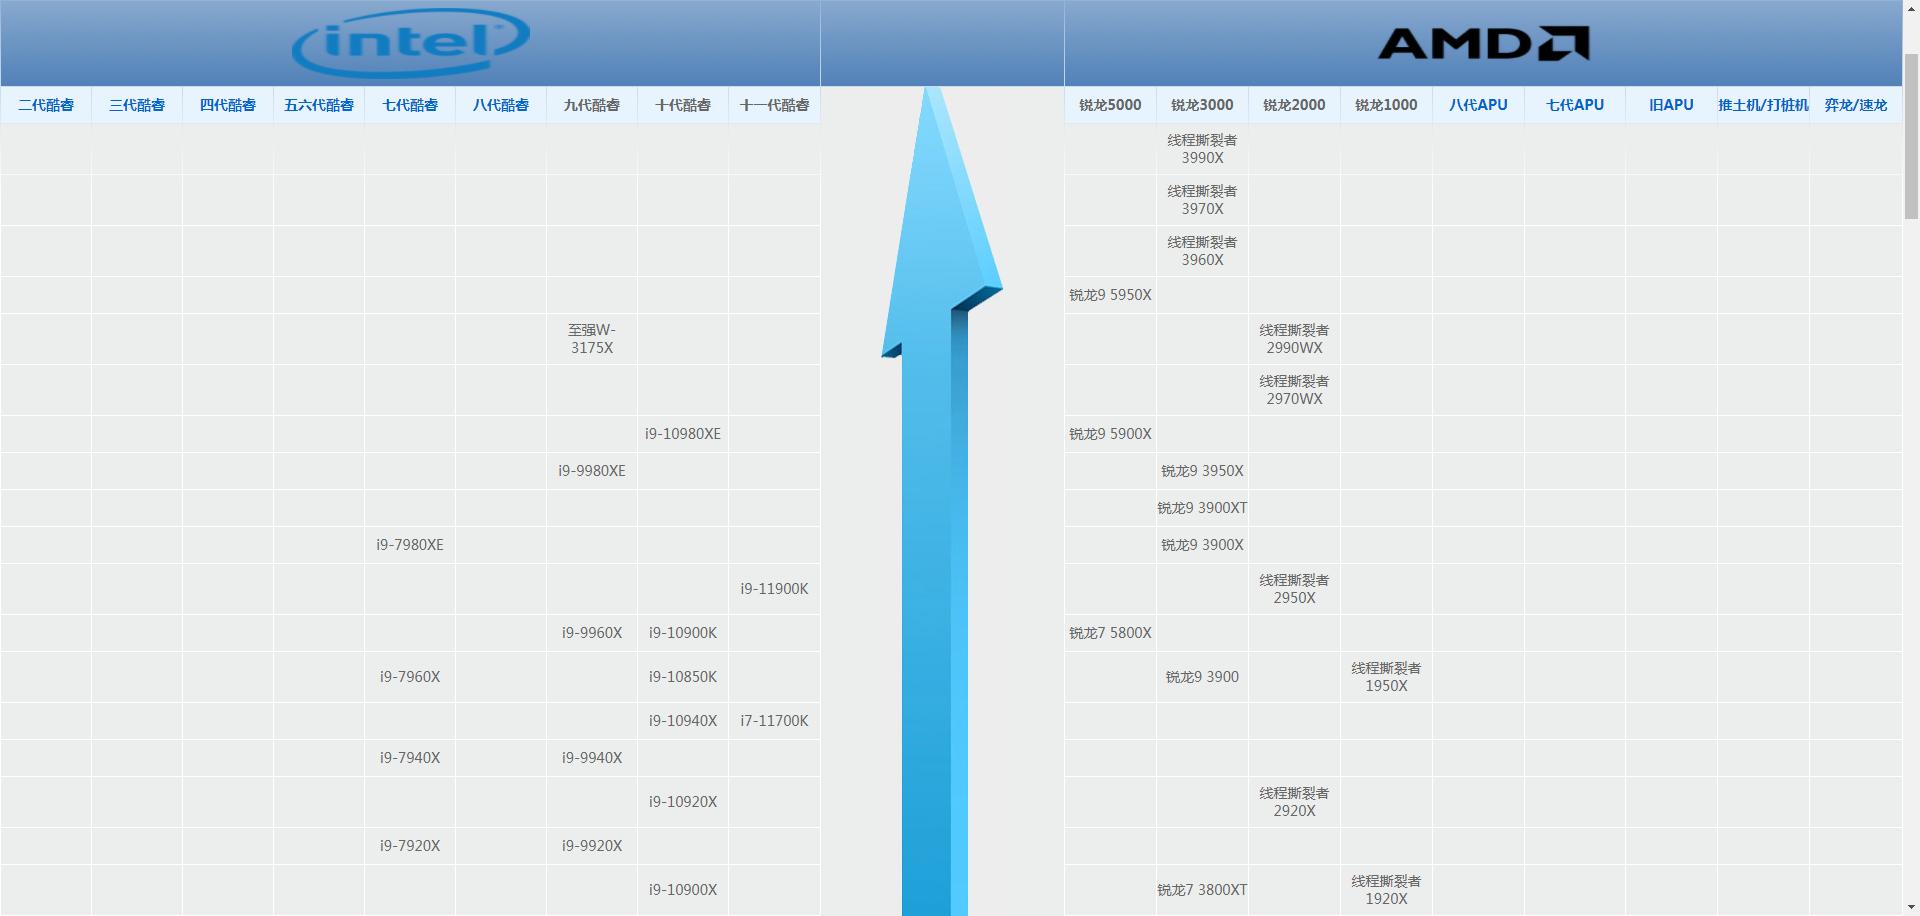 最新2021年电脑CPU排名榜单,英特尔和AMD天梯图详细介绍